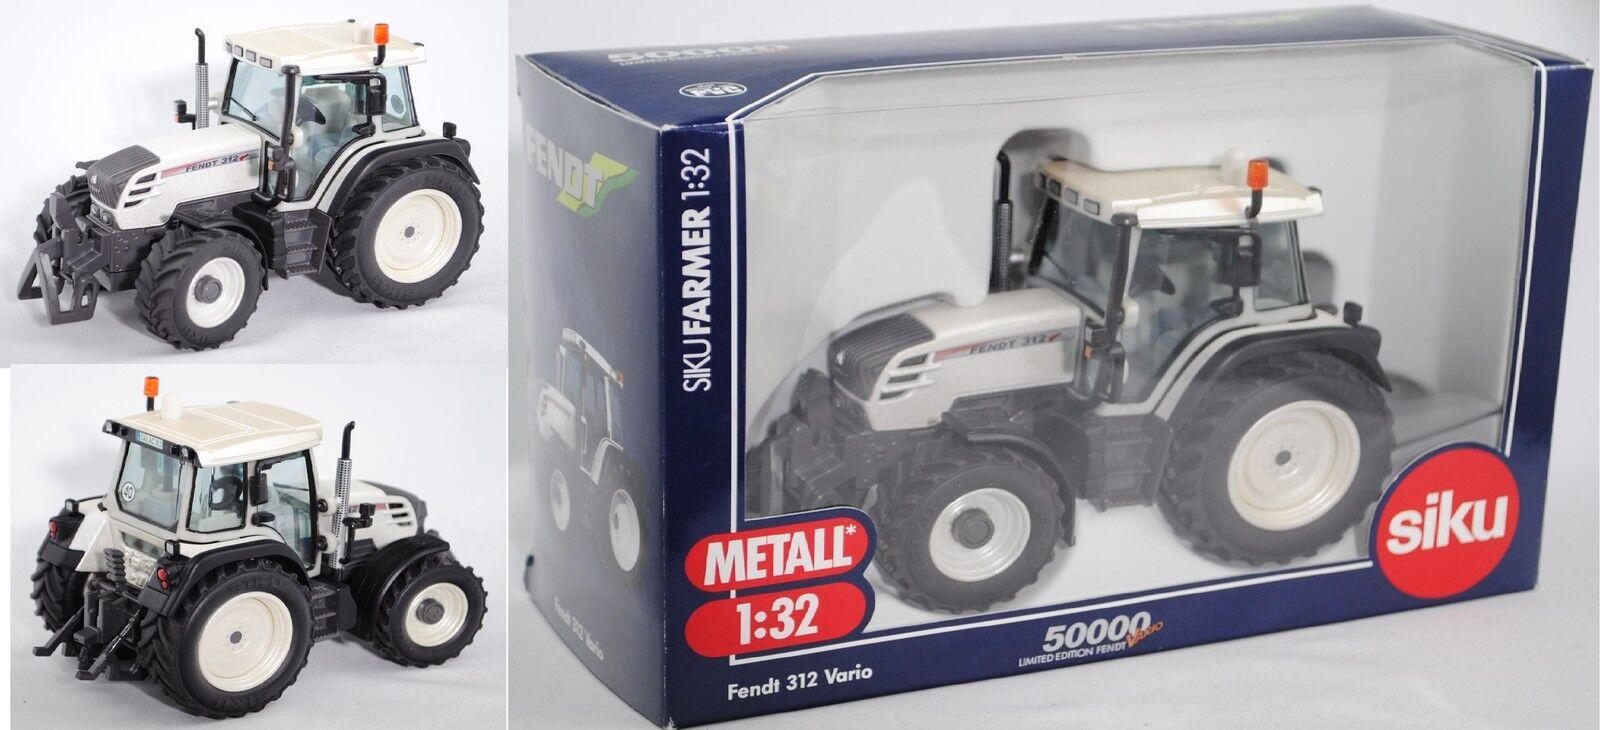 SIKU FARMER 3056 FENDT 312 Vario tracteur Champagne 1 32  50000  Modèle Spécial